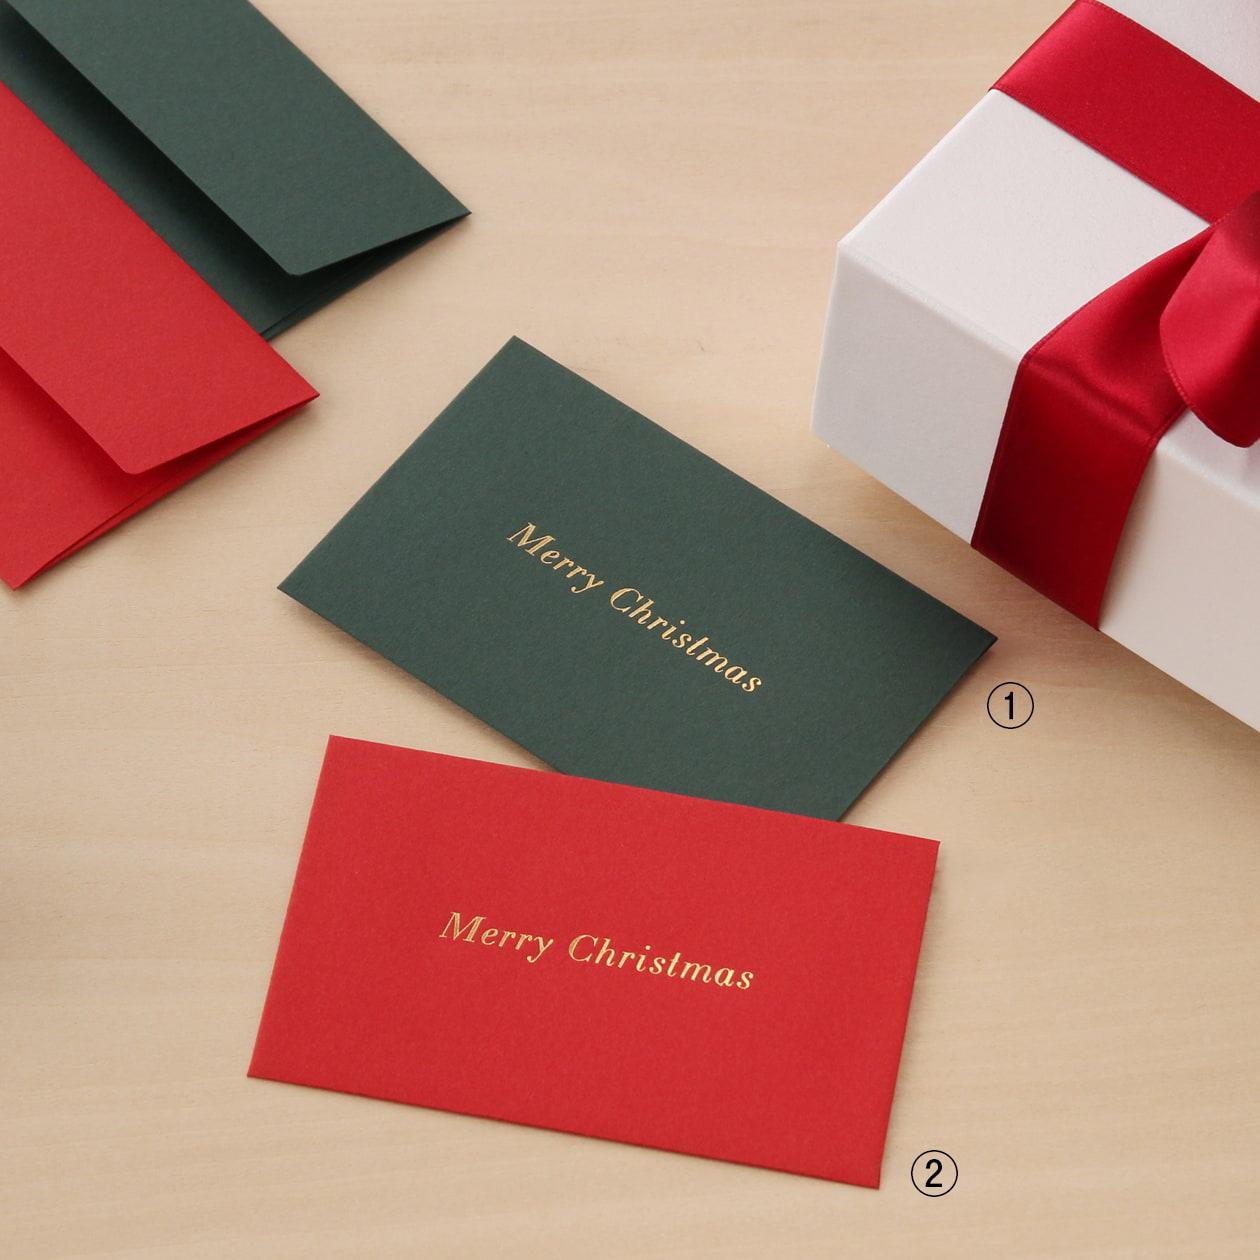 シーンを演出する メッセージカード用封筒